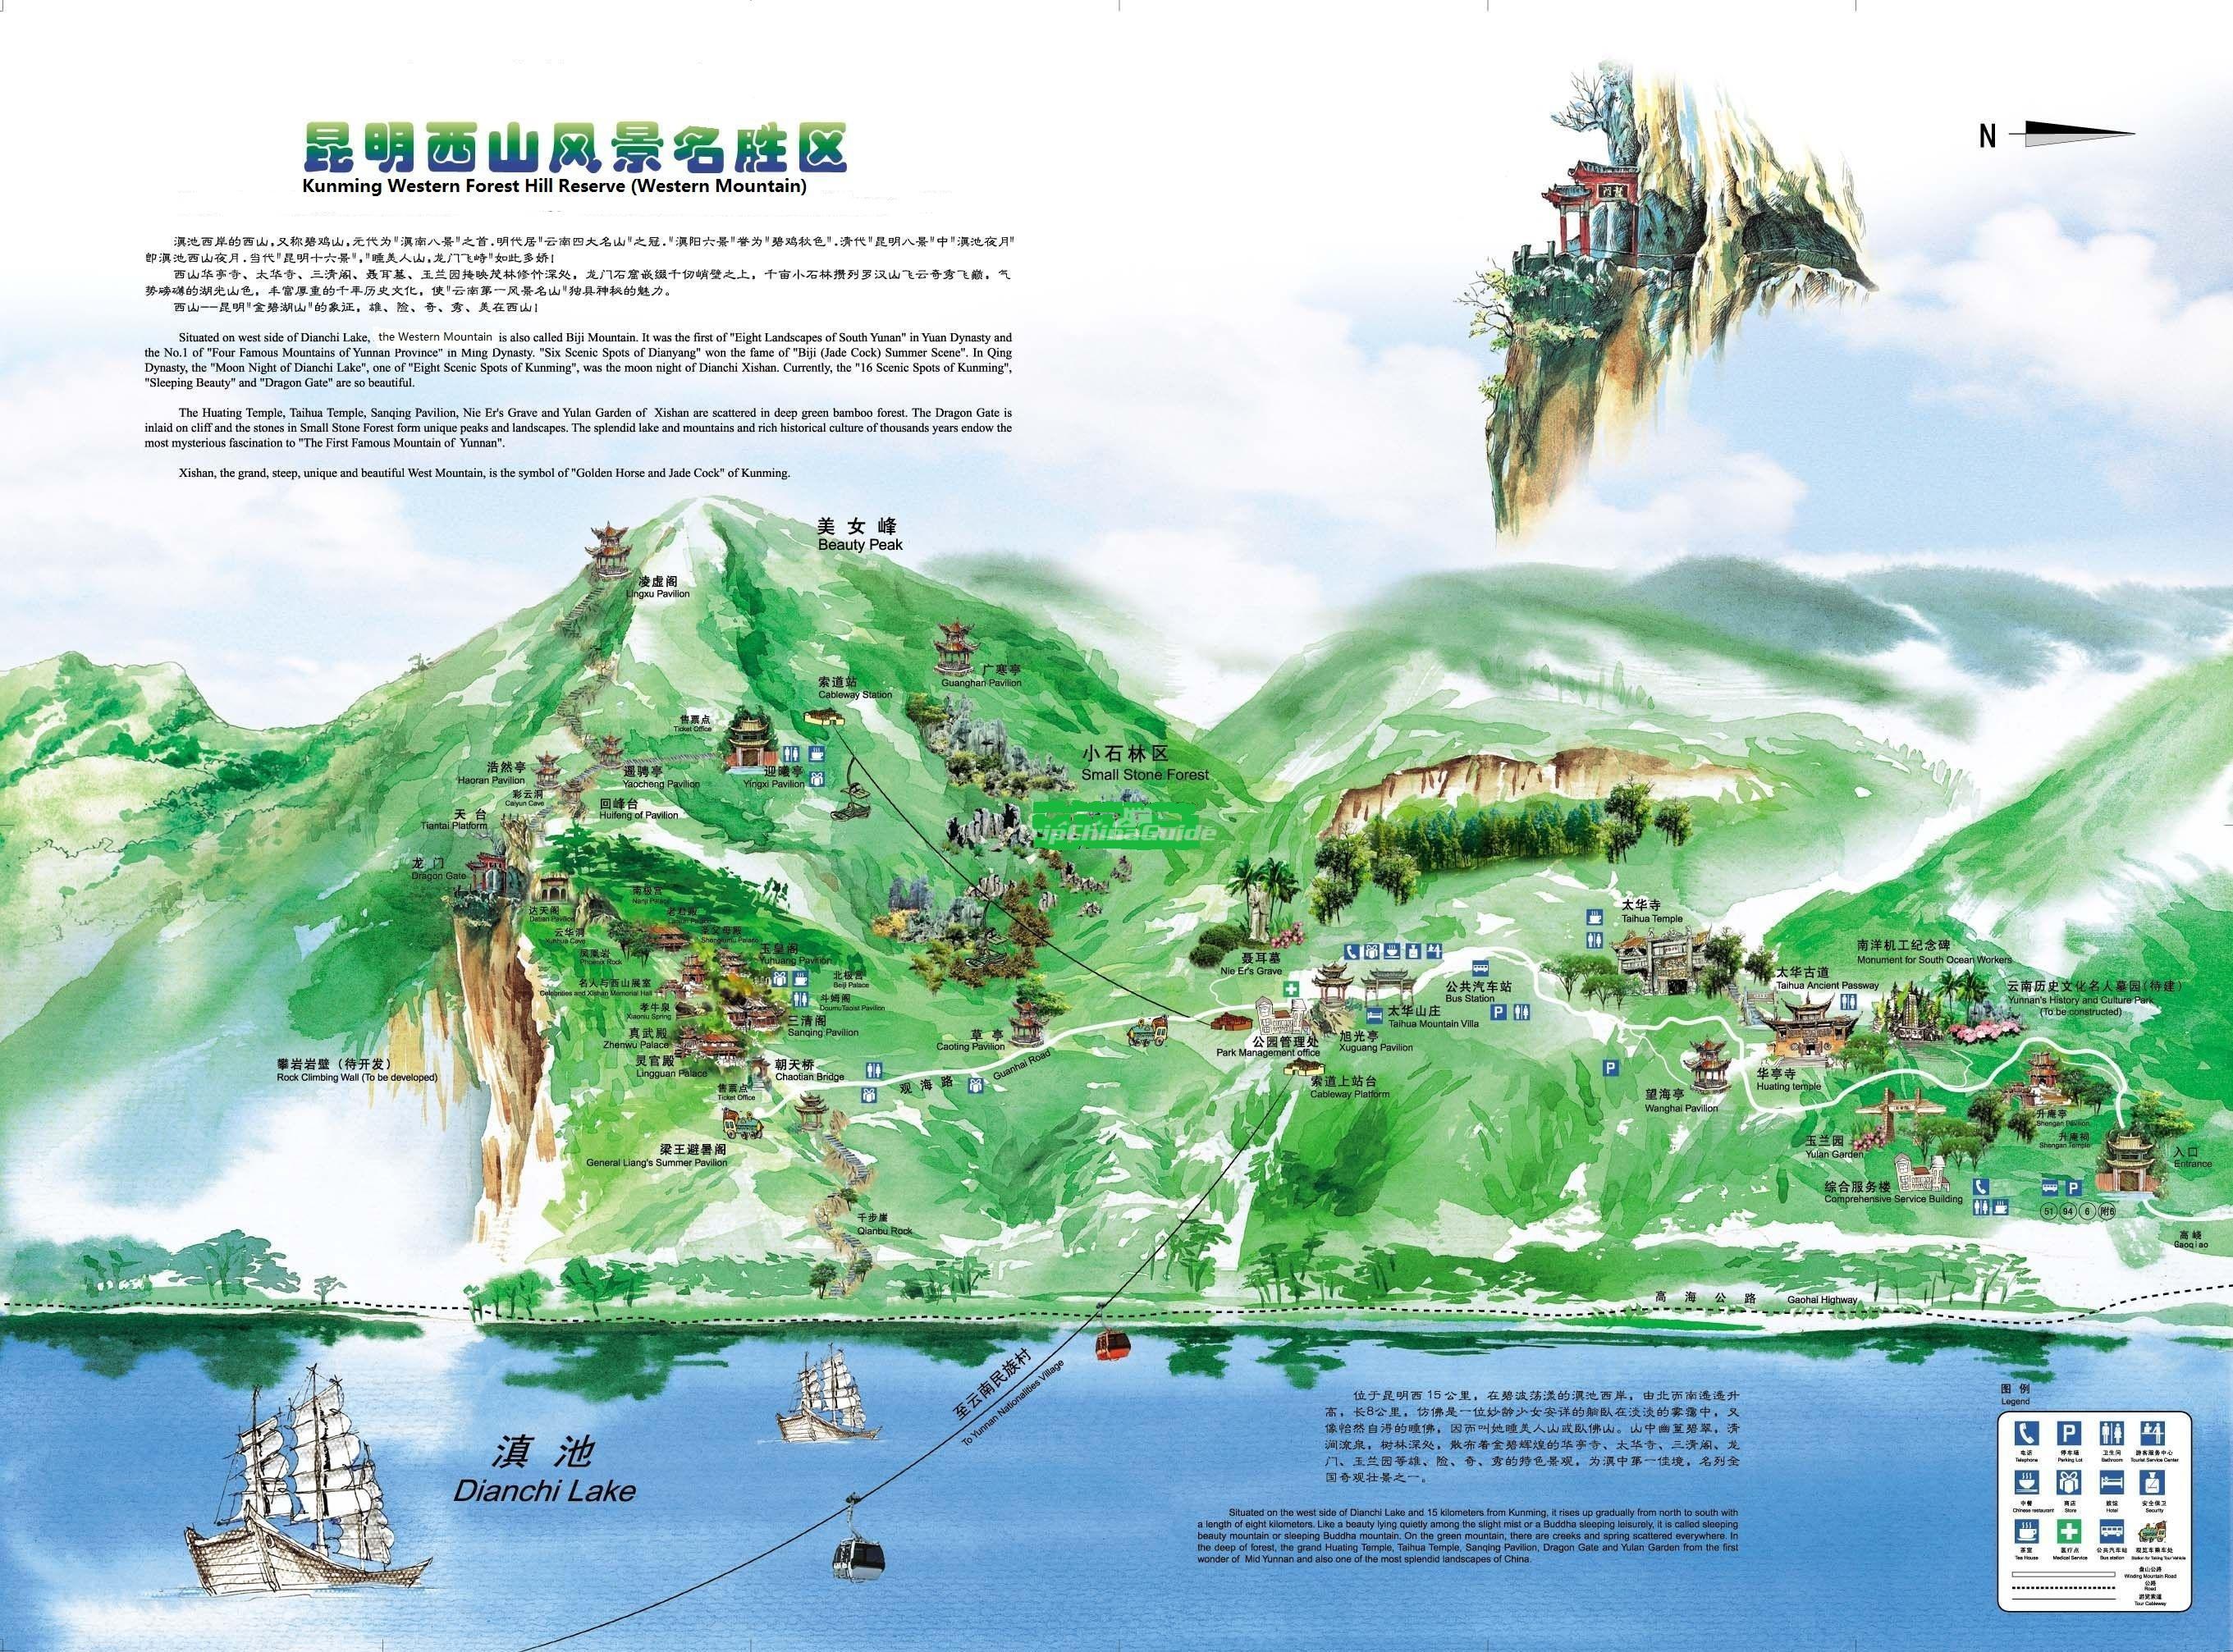 Kunming Western Mountains Map - Kunming Western Mountains Photos on kunming china map, coral sea on world map, corregidor world map, potsdam world map, sakhalin world map, lashio world map, saigon world map, corsica on world map, caroline islands world map, manila on world map,